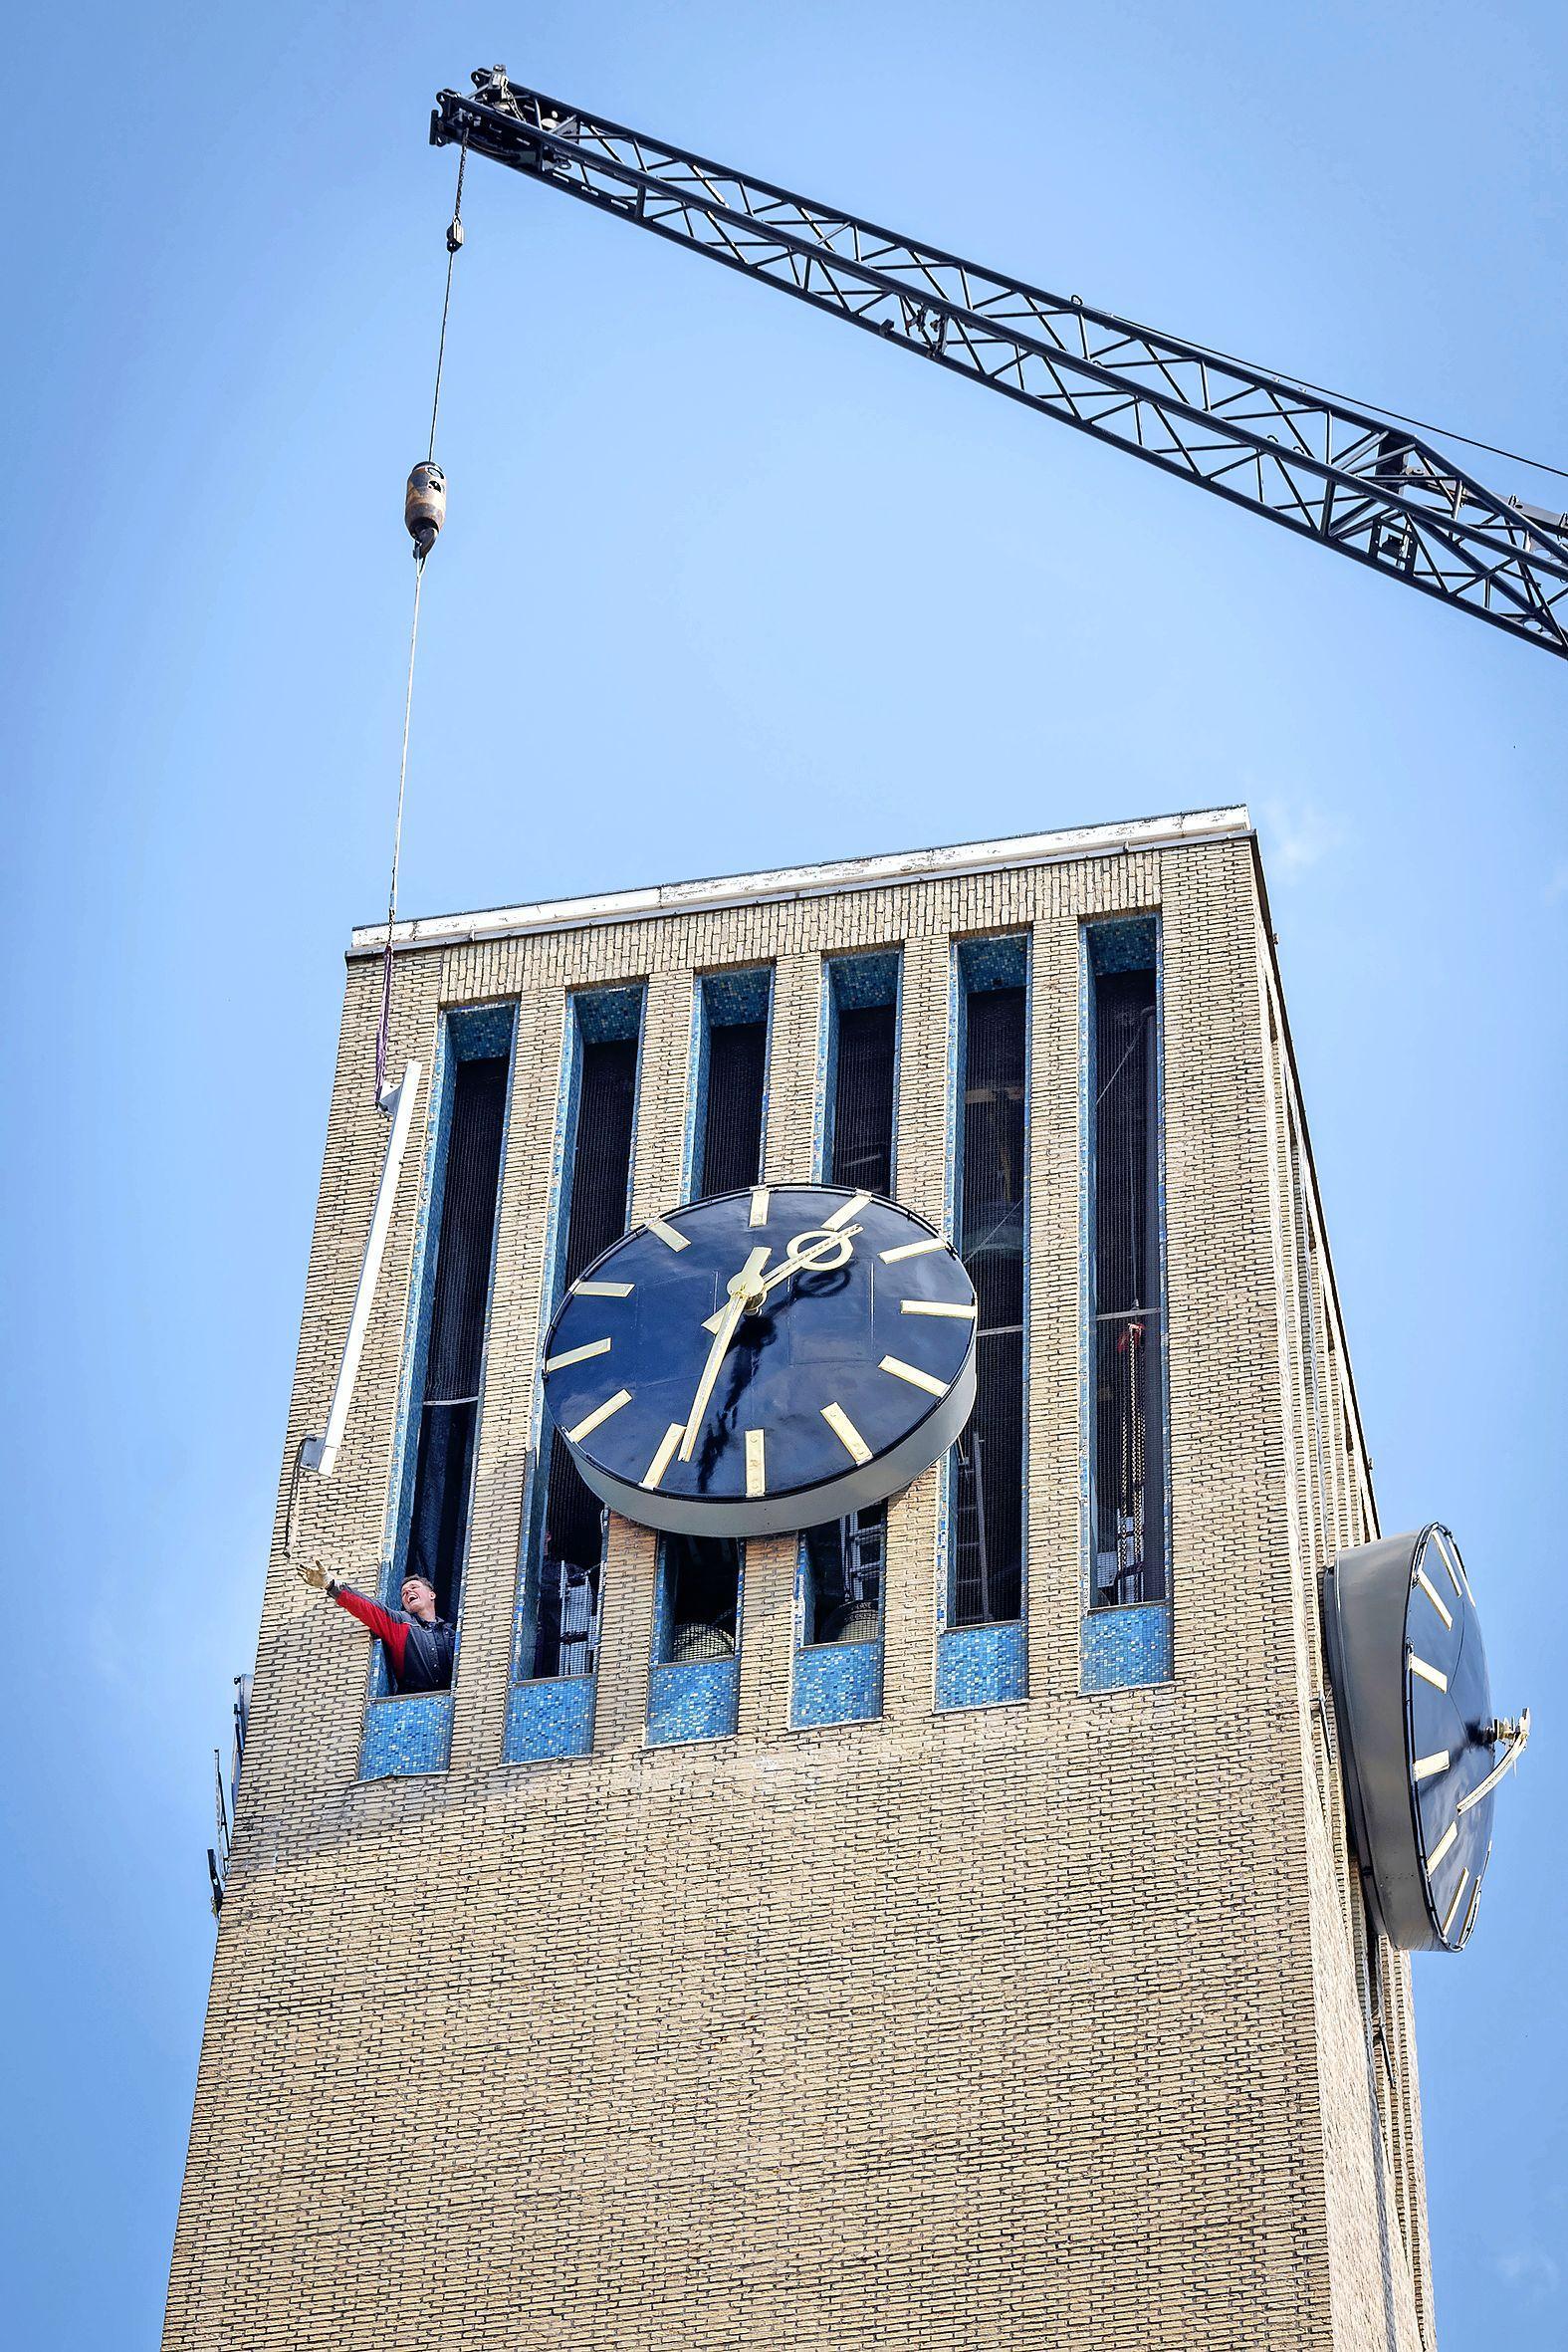 Carillon van IJmuiden binnenkort weer te horen, restauratie ging sneller dan gepland